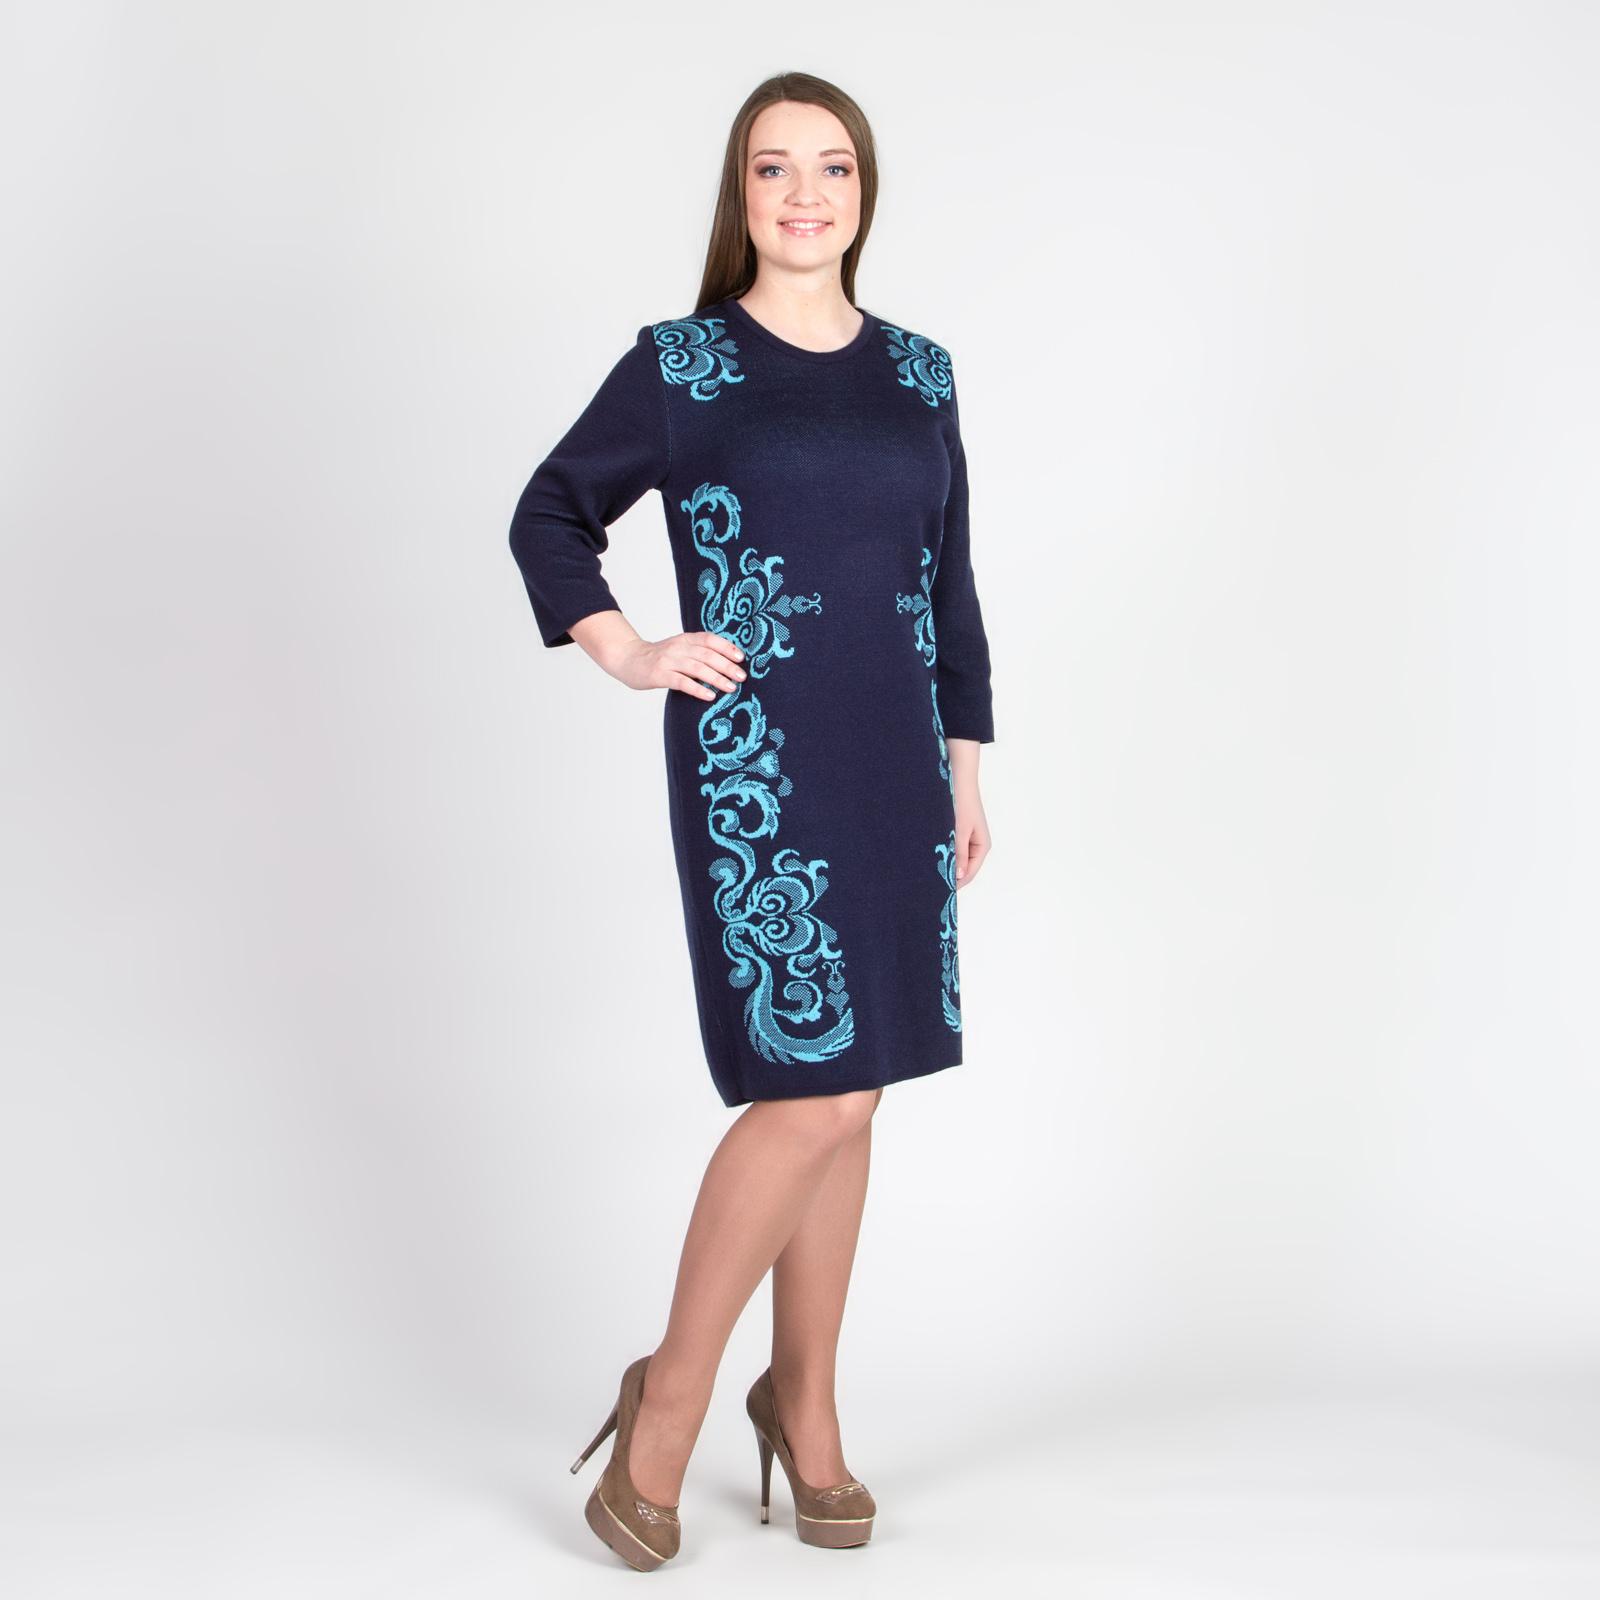 Платье прямого кроя с шикарным узором